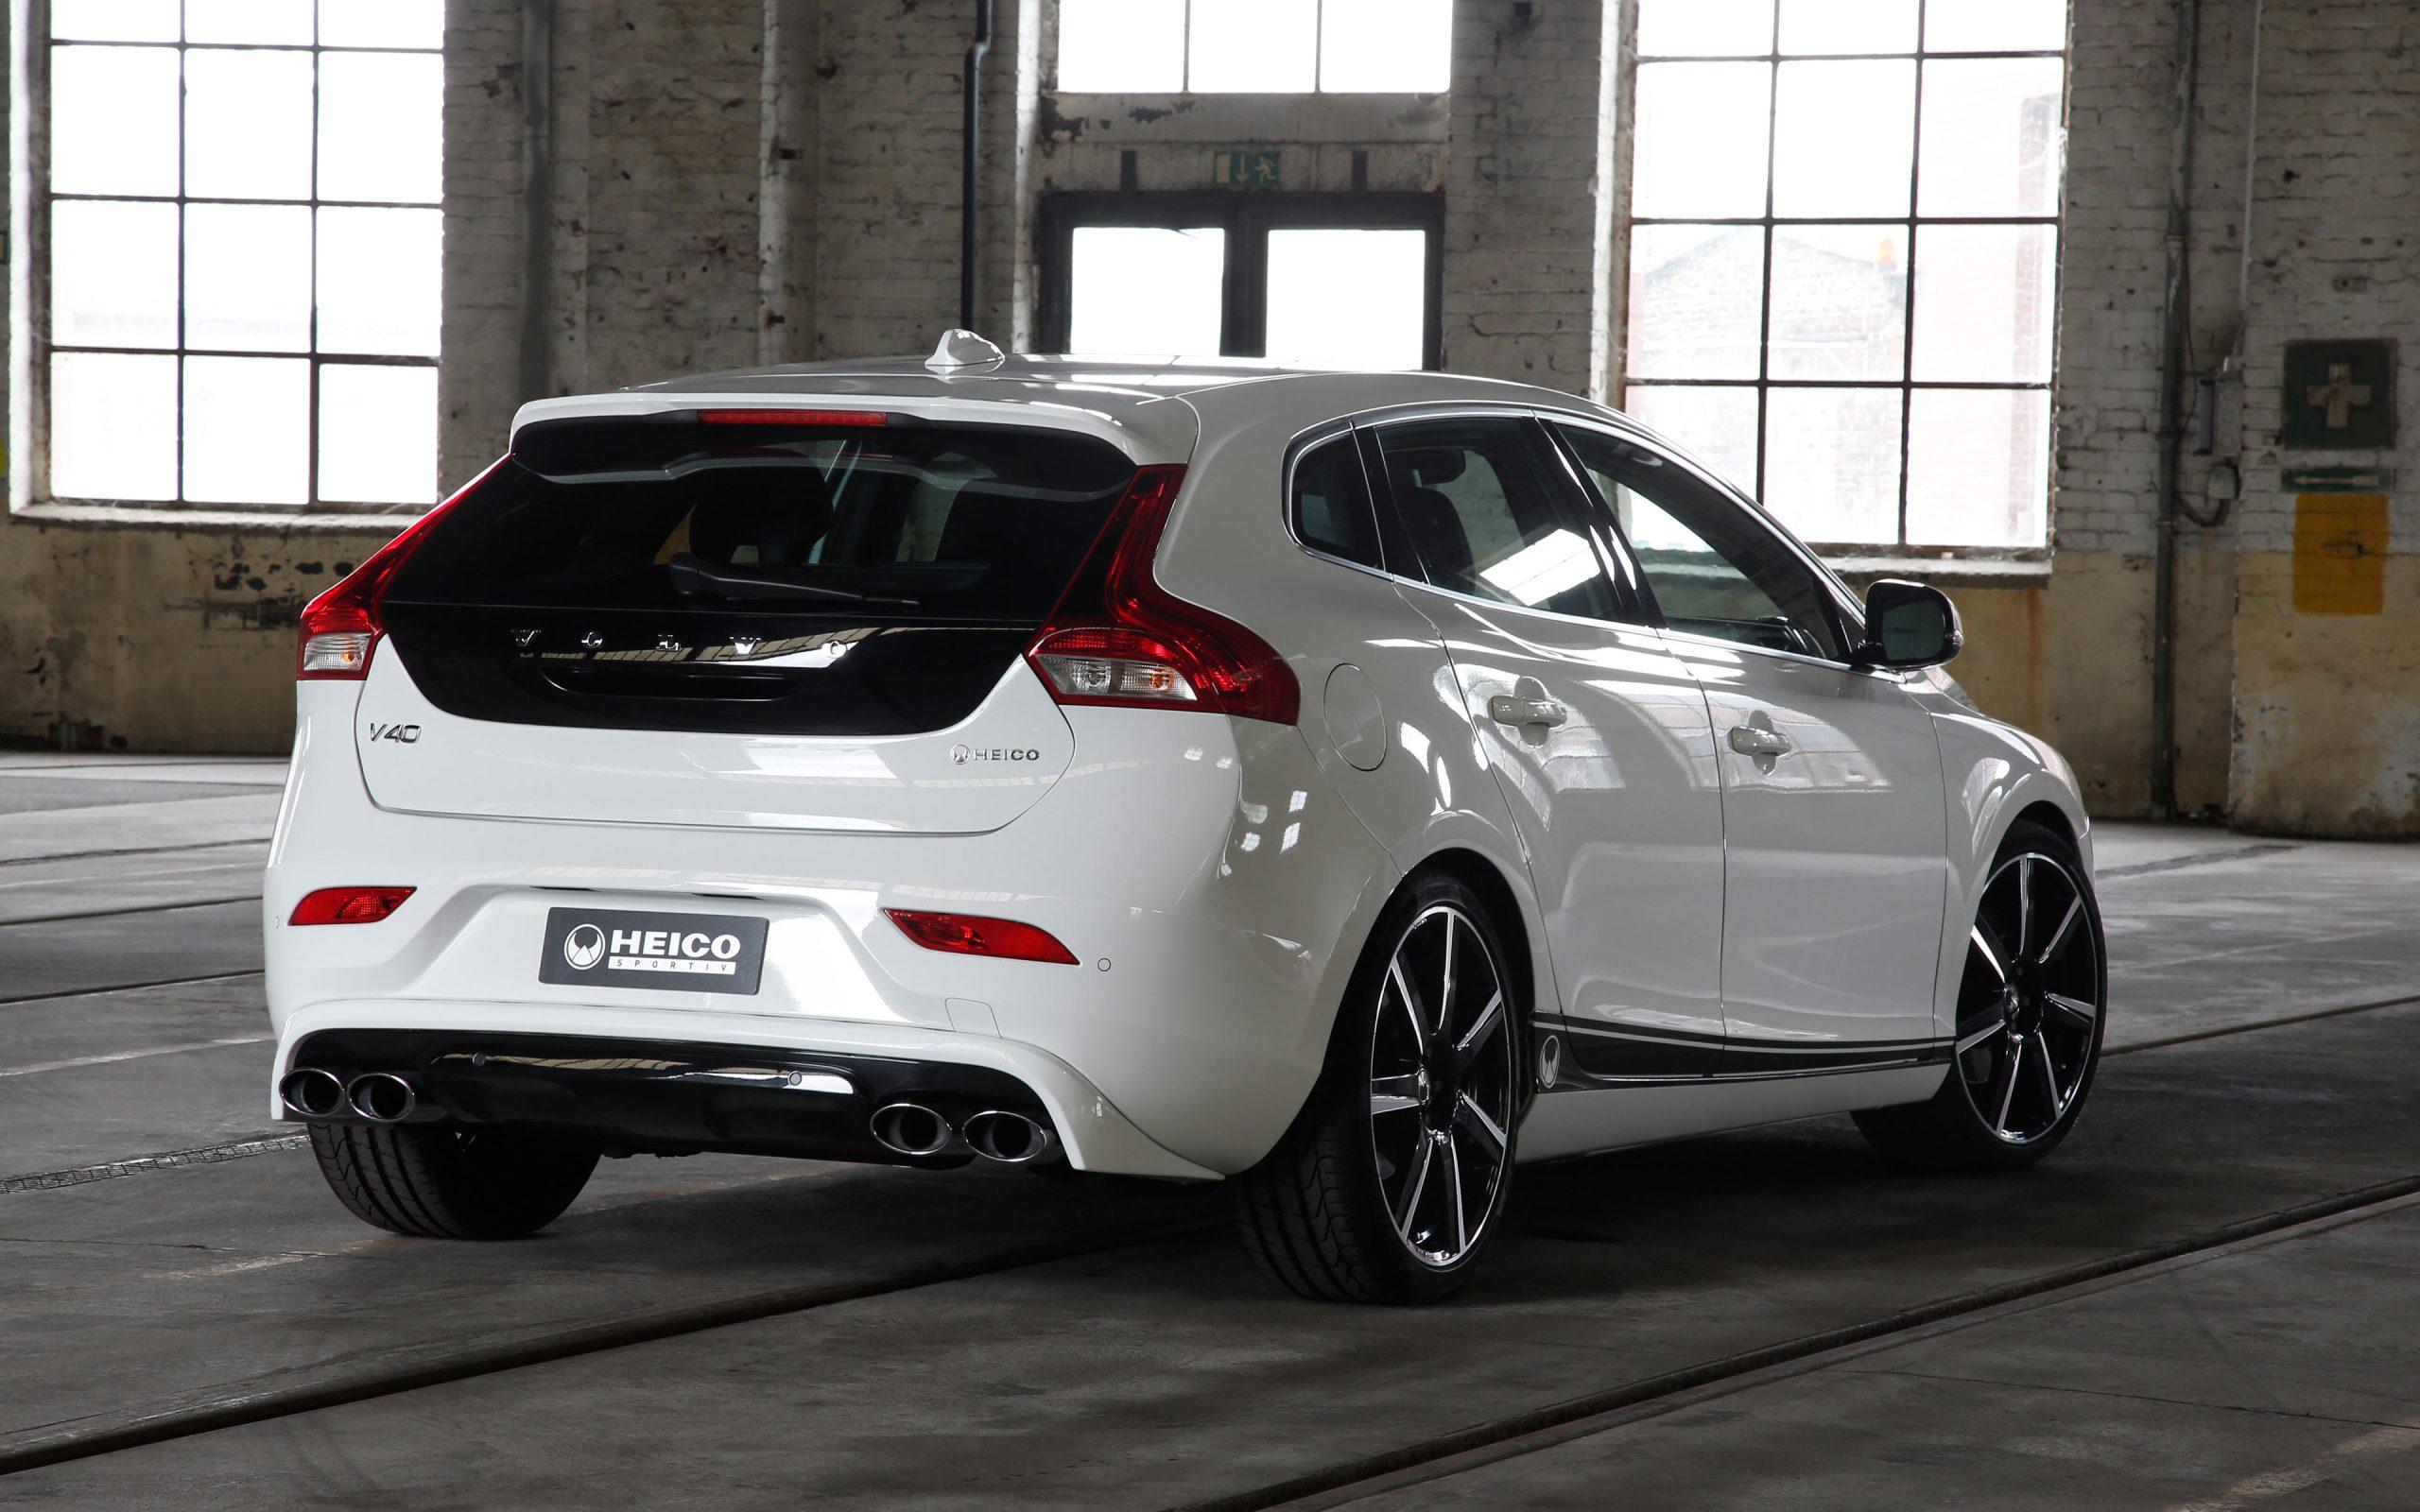 heico-sportiv-volvo-v40-525-rear-heico-stripes-black